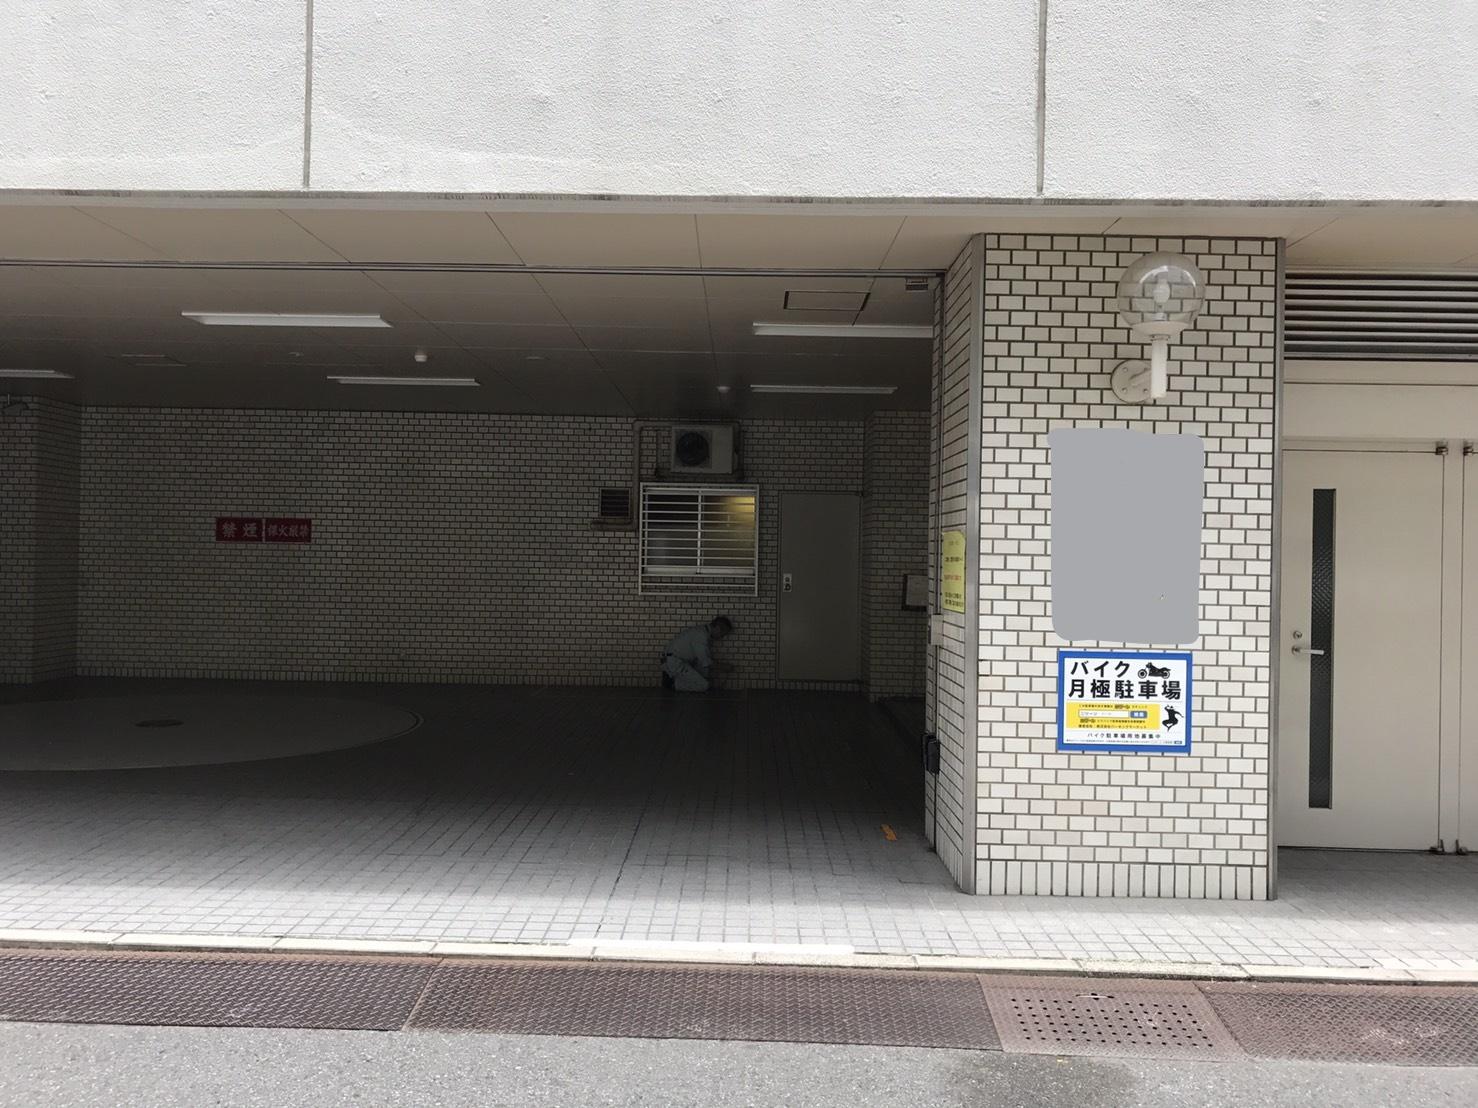 月極駐車場 さくら堀留ビルの写真1